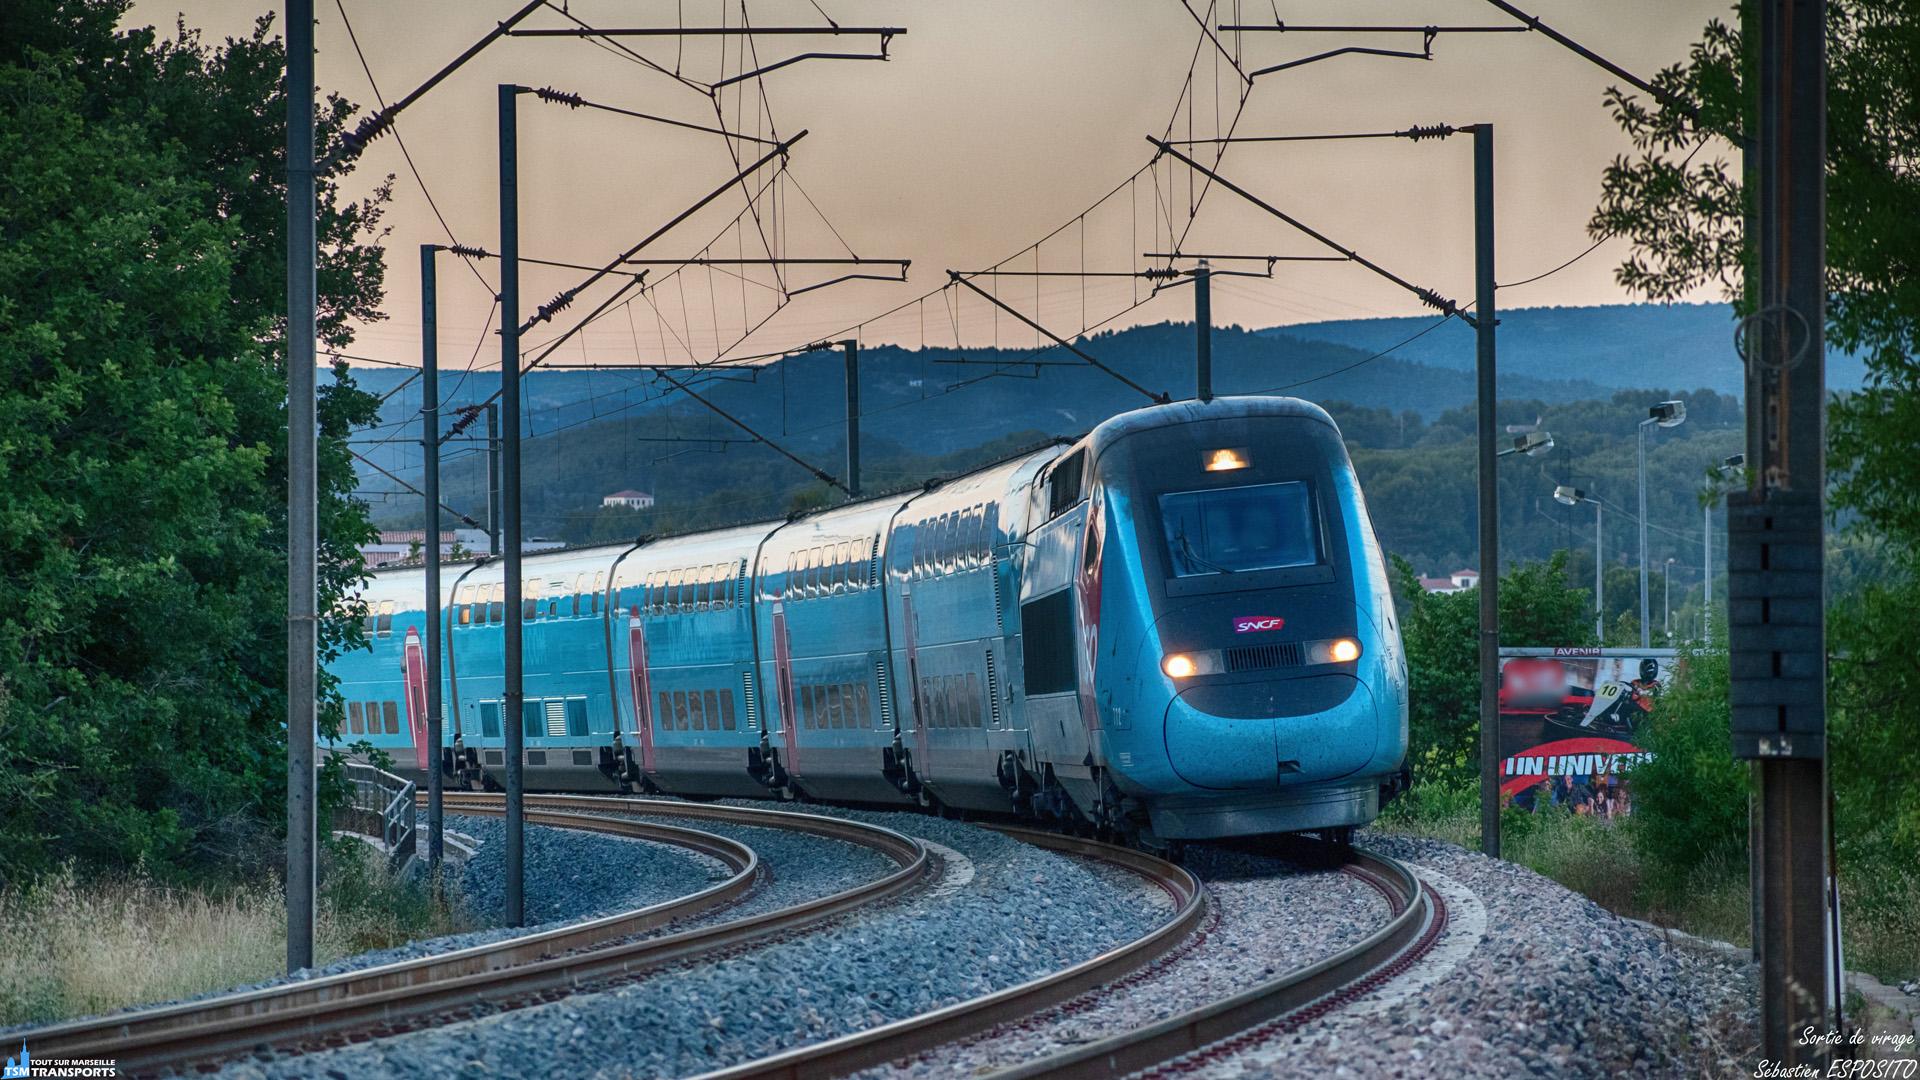 En cette fin de journée de juillet à Aubagne, un filet bleu aborde la  grande courbe un peu après la gare et qui le mènera vers Nice, son terminus. . ℹ️ Alstom TGV Dasye en UM (772 + 771) Ouigo SNCF. . 📍 PK19, Chemin de Ceinture, 13400 Aubagne. . ↔️ Paris Gare de Lyon - Nice. . 🛤️ Ligne Marseille - Vintimille. . 📸 Nikon D5600. . 📷 Nikkor 70-300mm. . 📅 12 Juillet 2019 à 21:05. . 👨 Sébastien ESPOSITO.